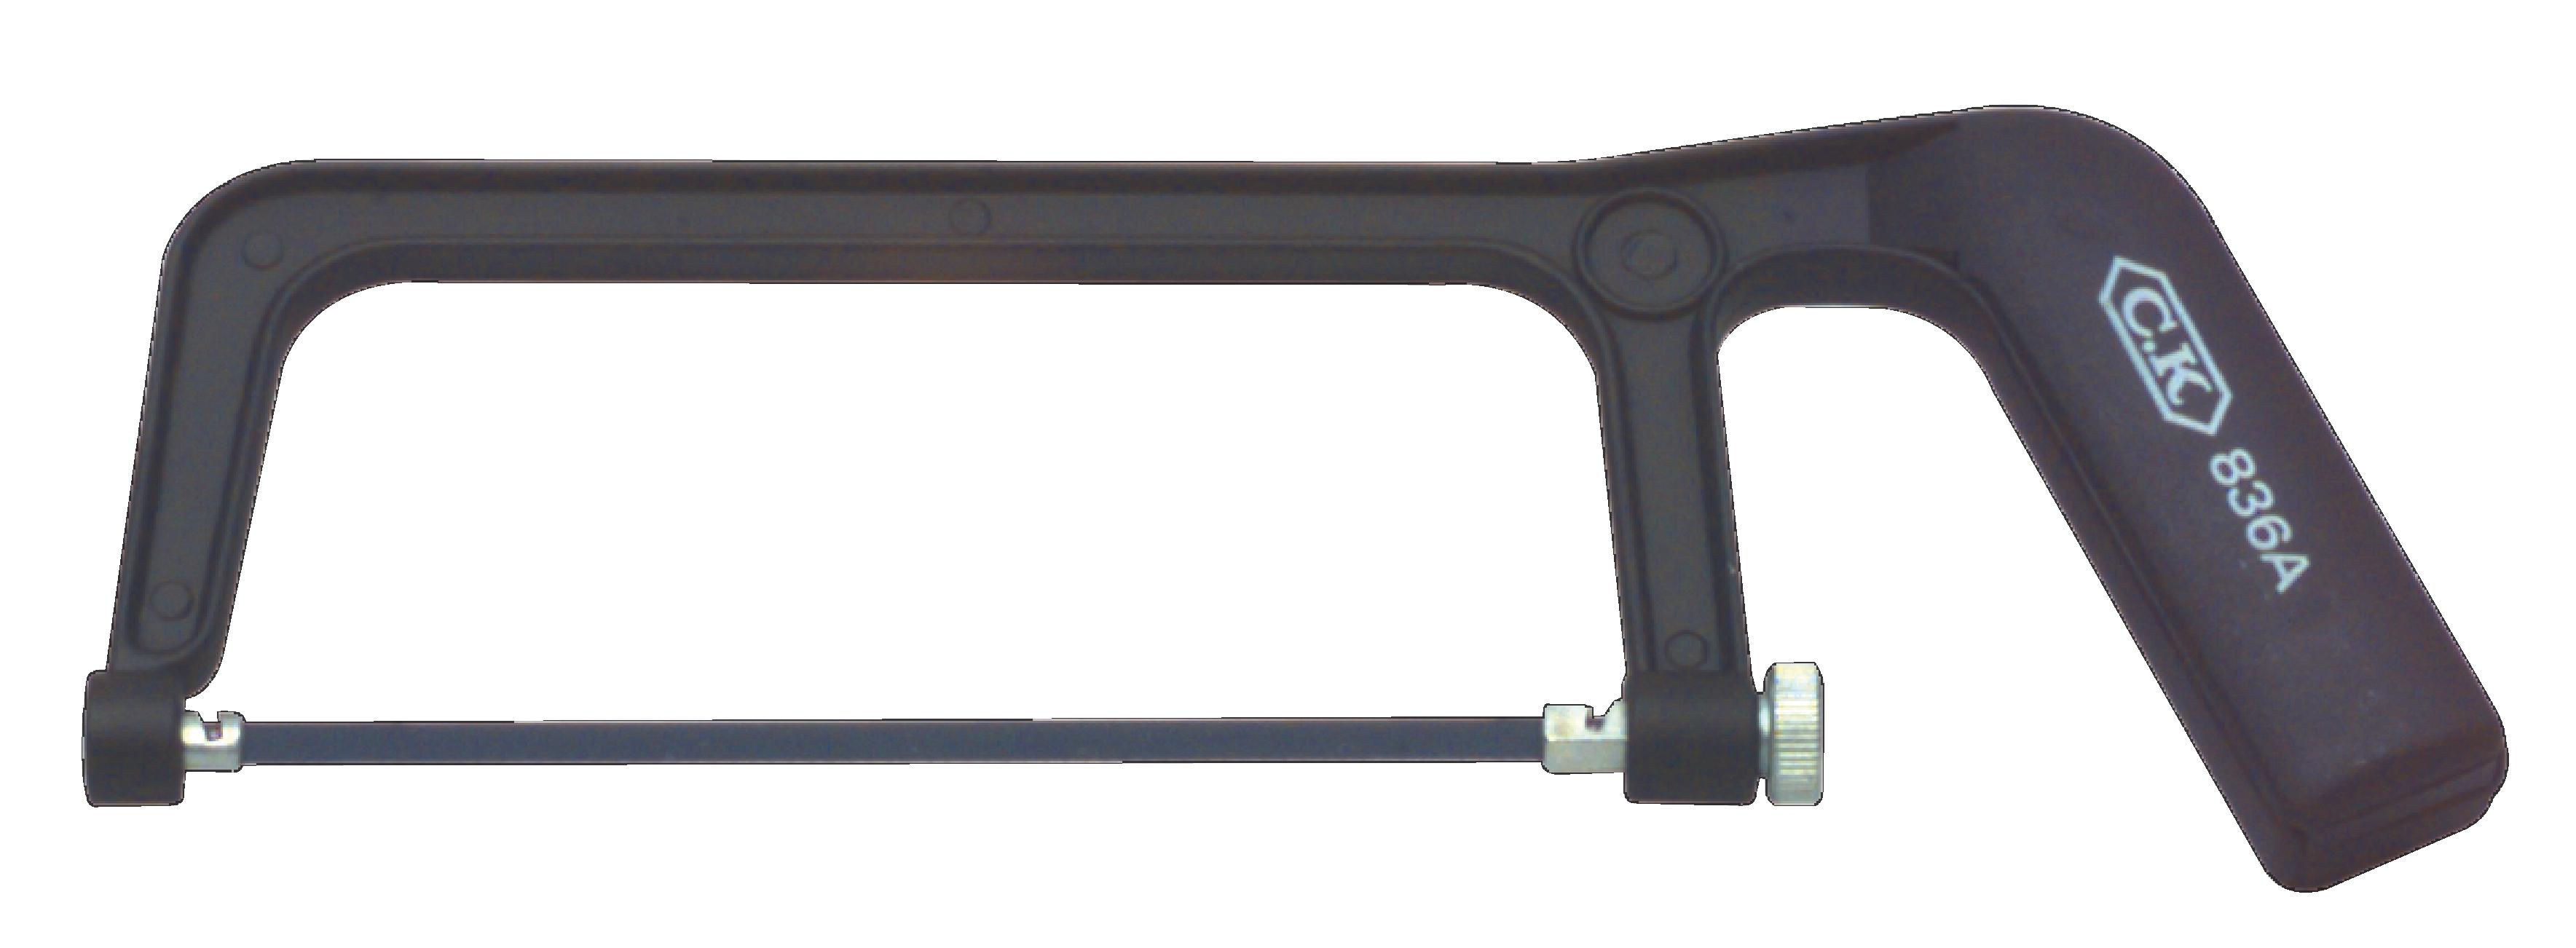 Hliníková mini pilka na kov CK-836A